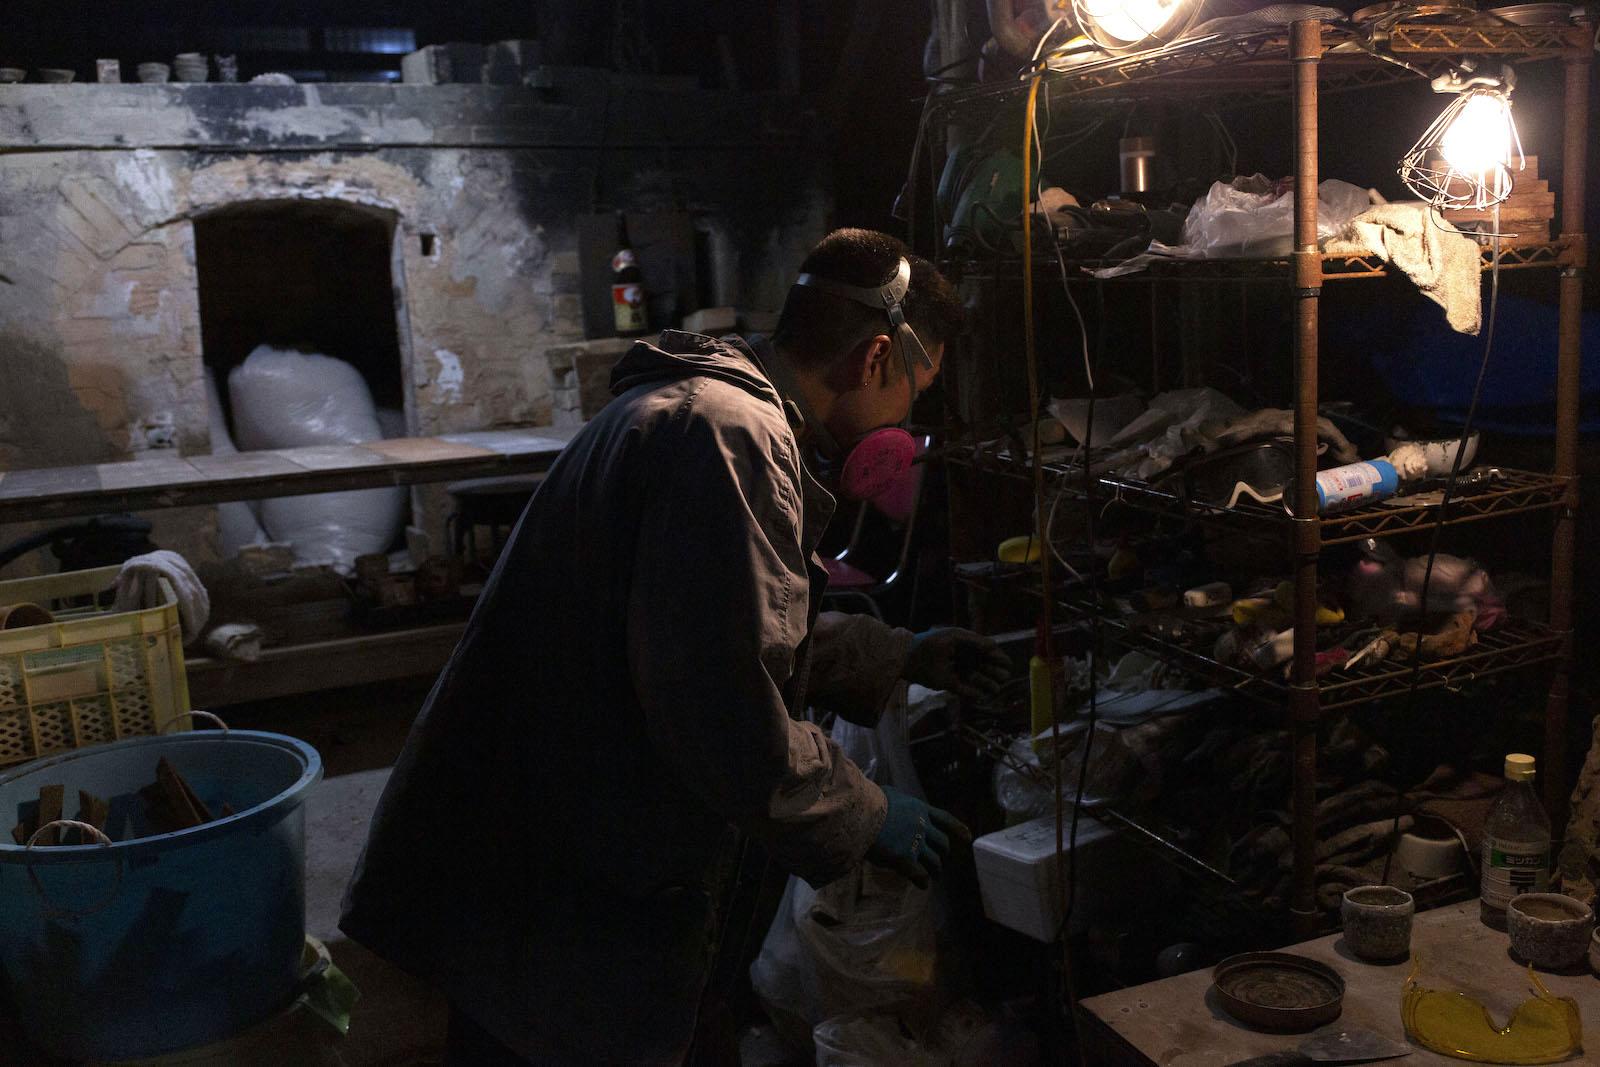 当日は数日間焚いた窯を開ける「窯出し」の日。「ぼくもどう仕上がっているか未知数で。わくわくしますね」と語る宇城さん。